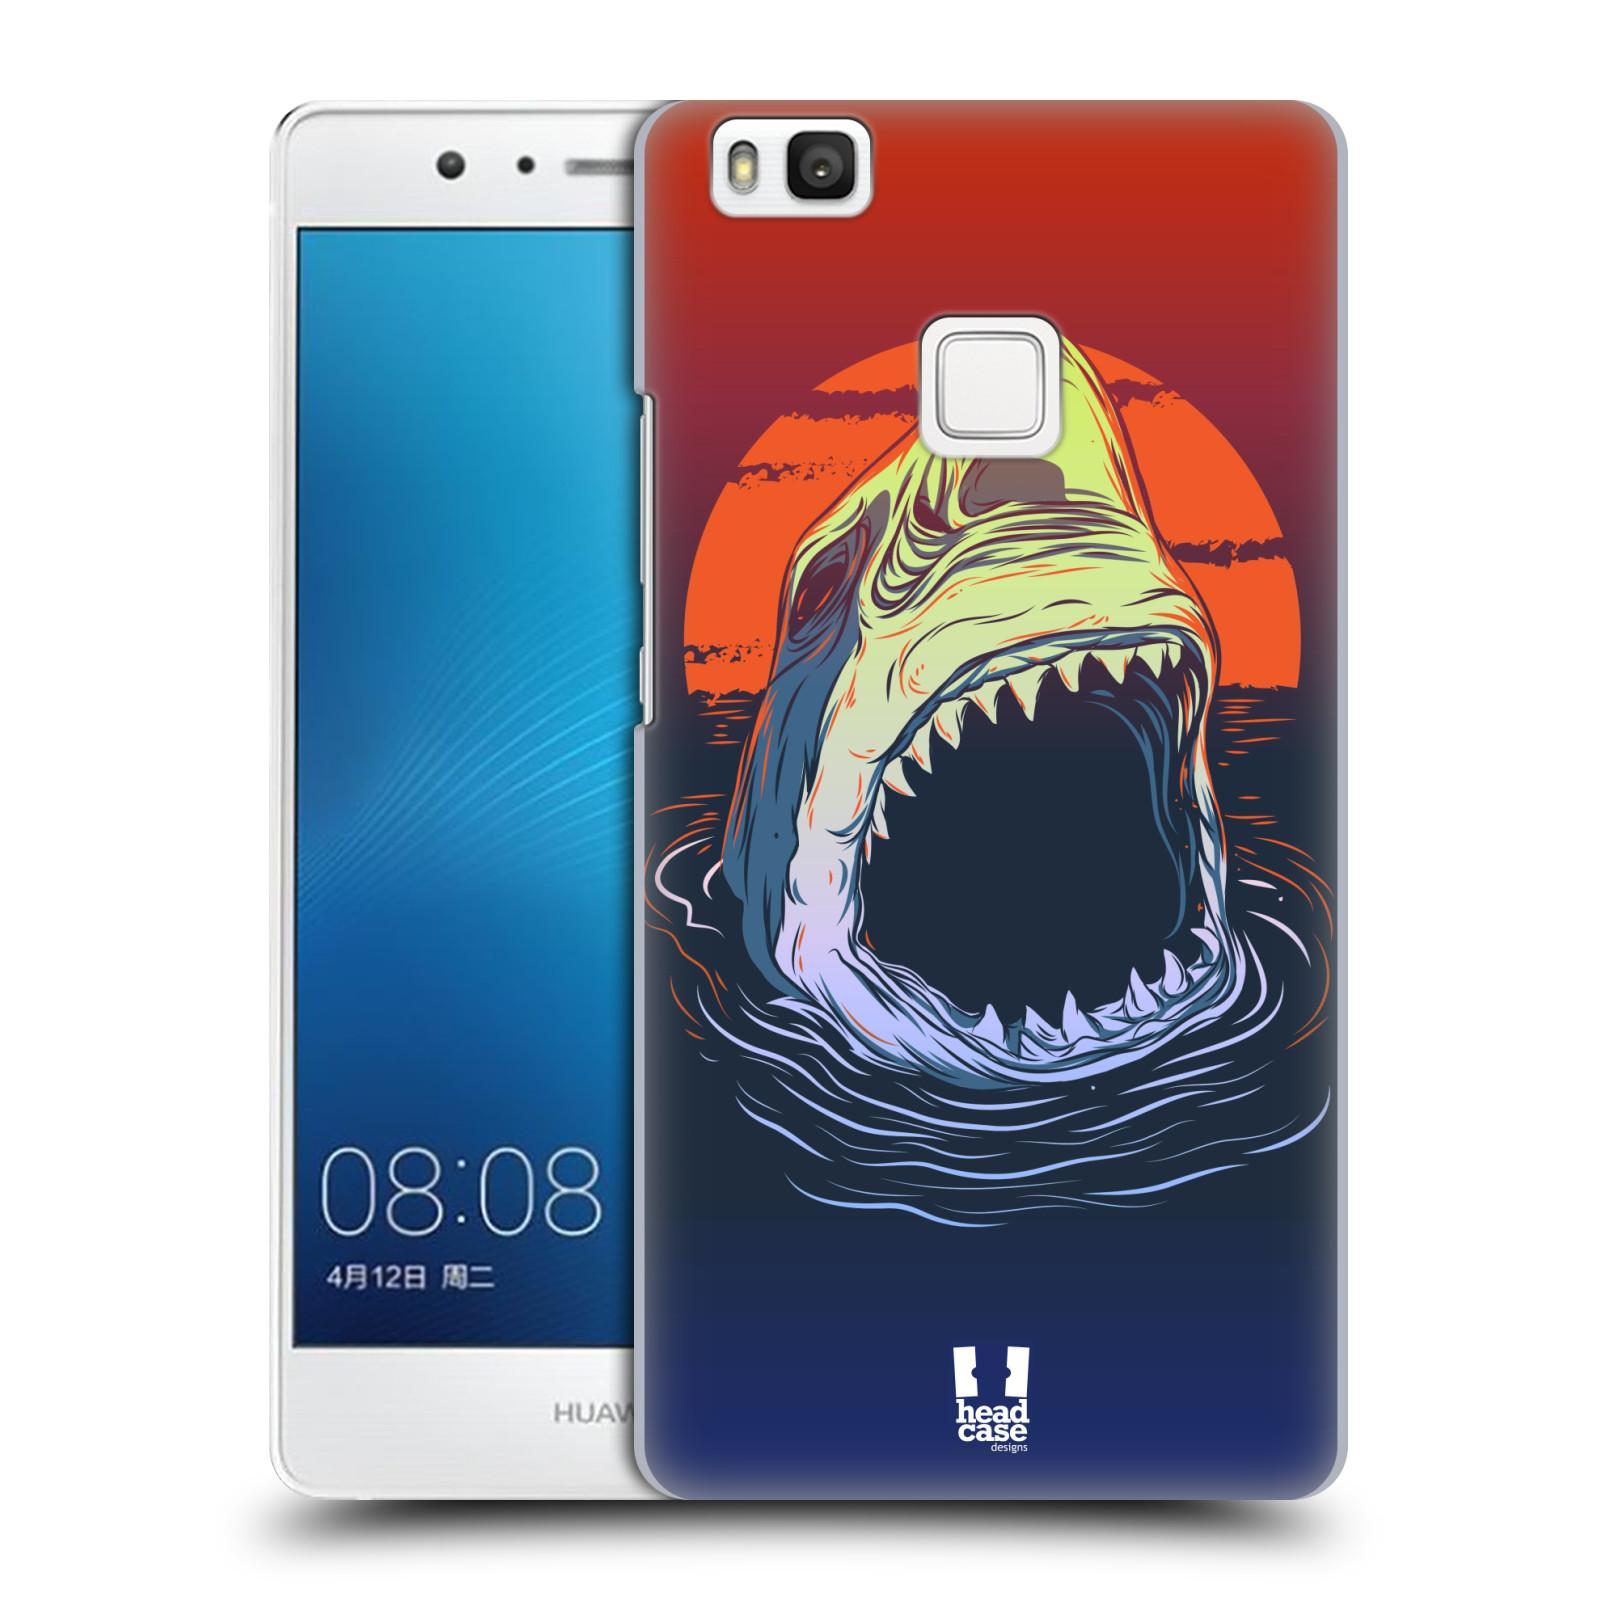 HEAD CASE plastový obal na mobil Huawei P9 LITE / P9 LITE DUAL SIM vzor mořská monstra žralok